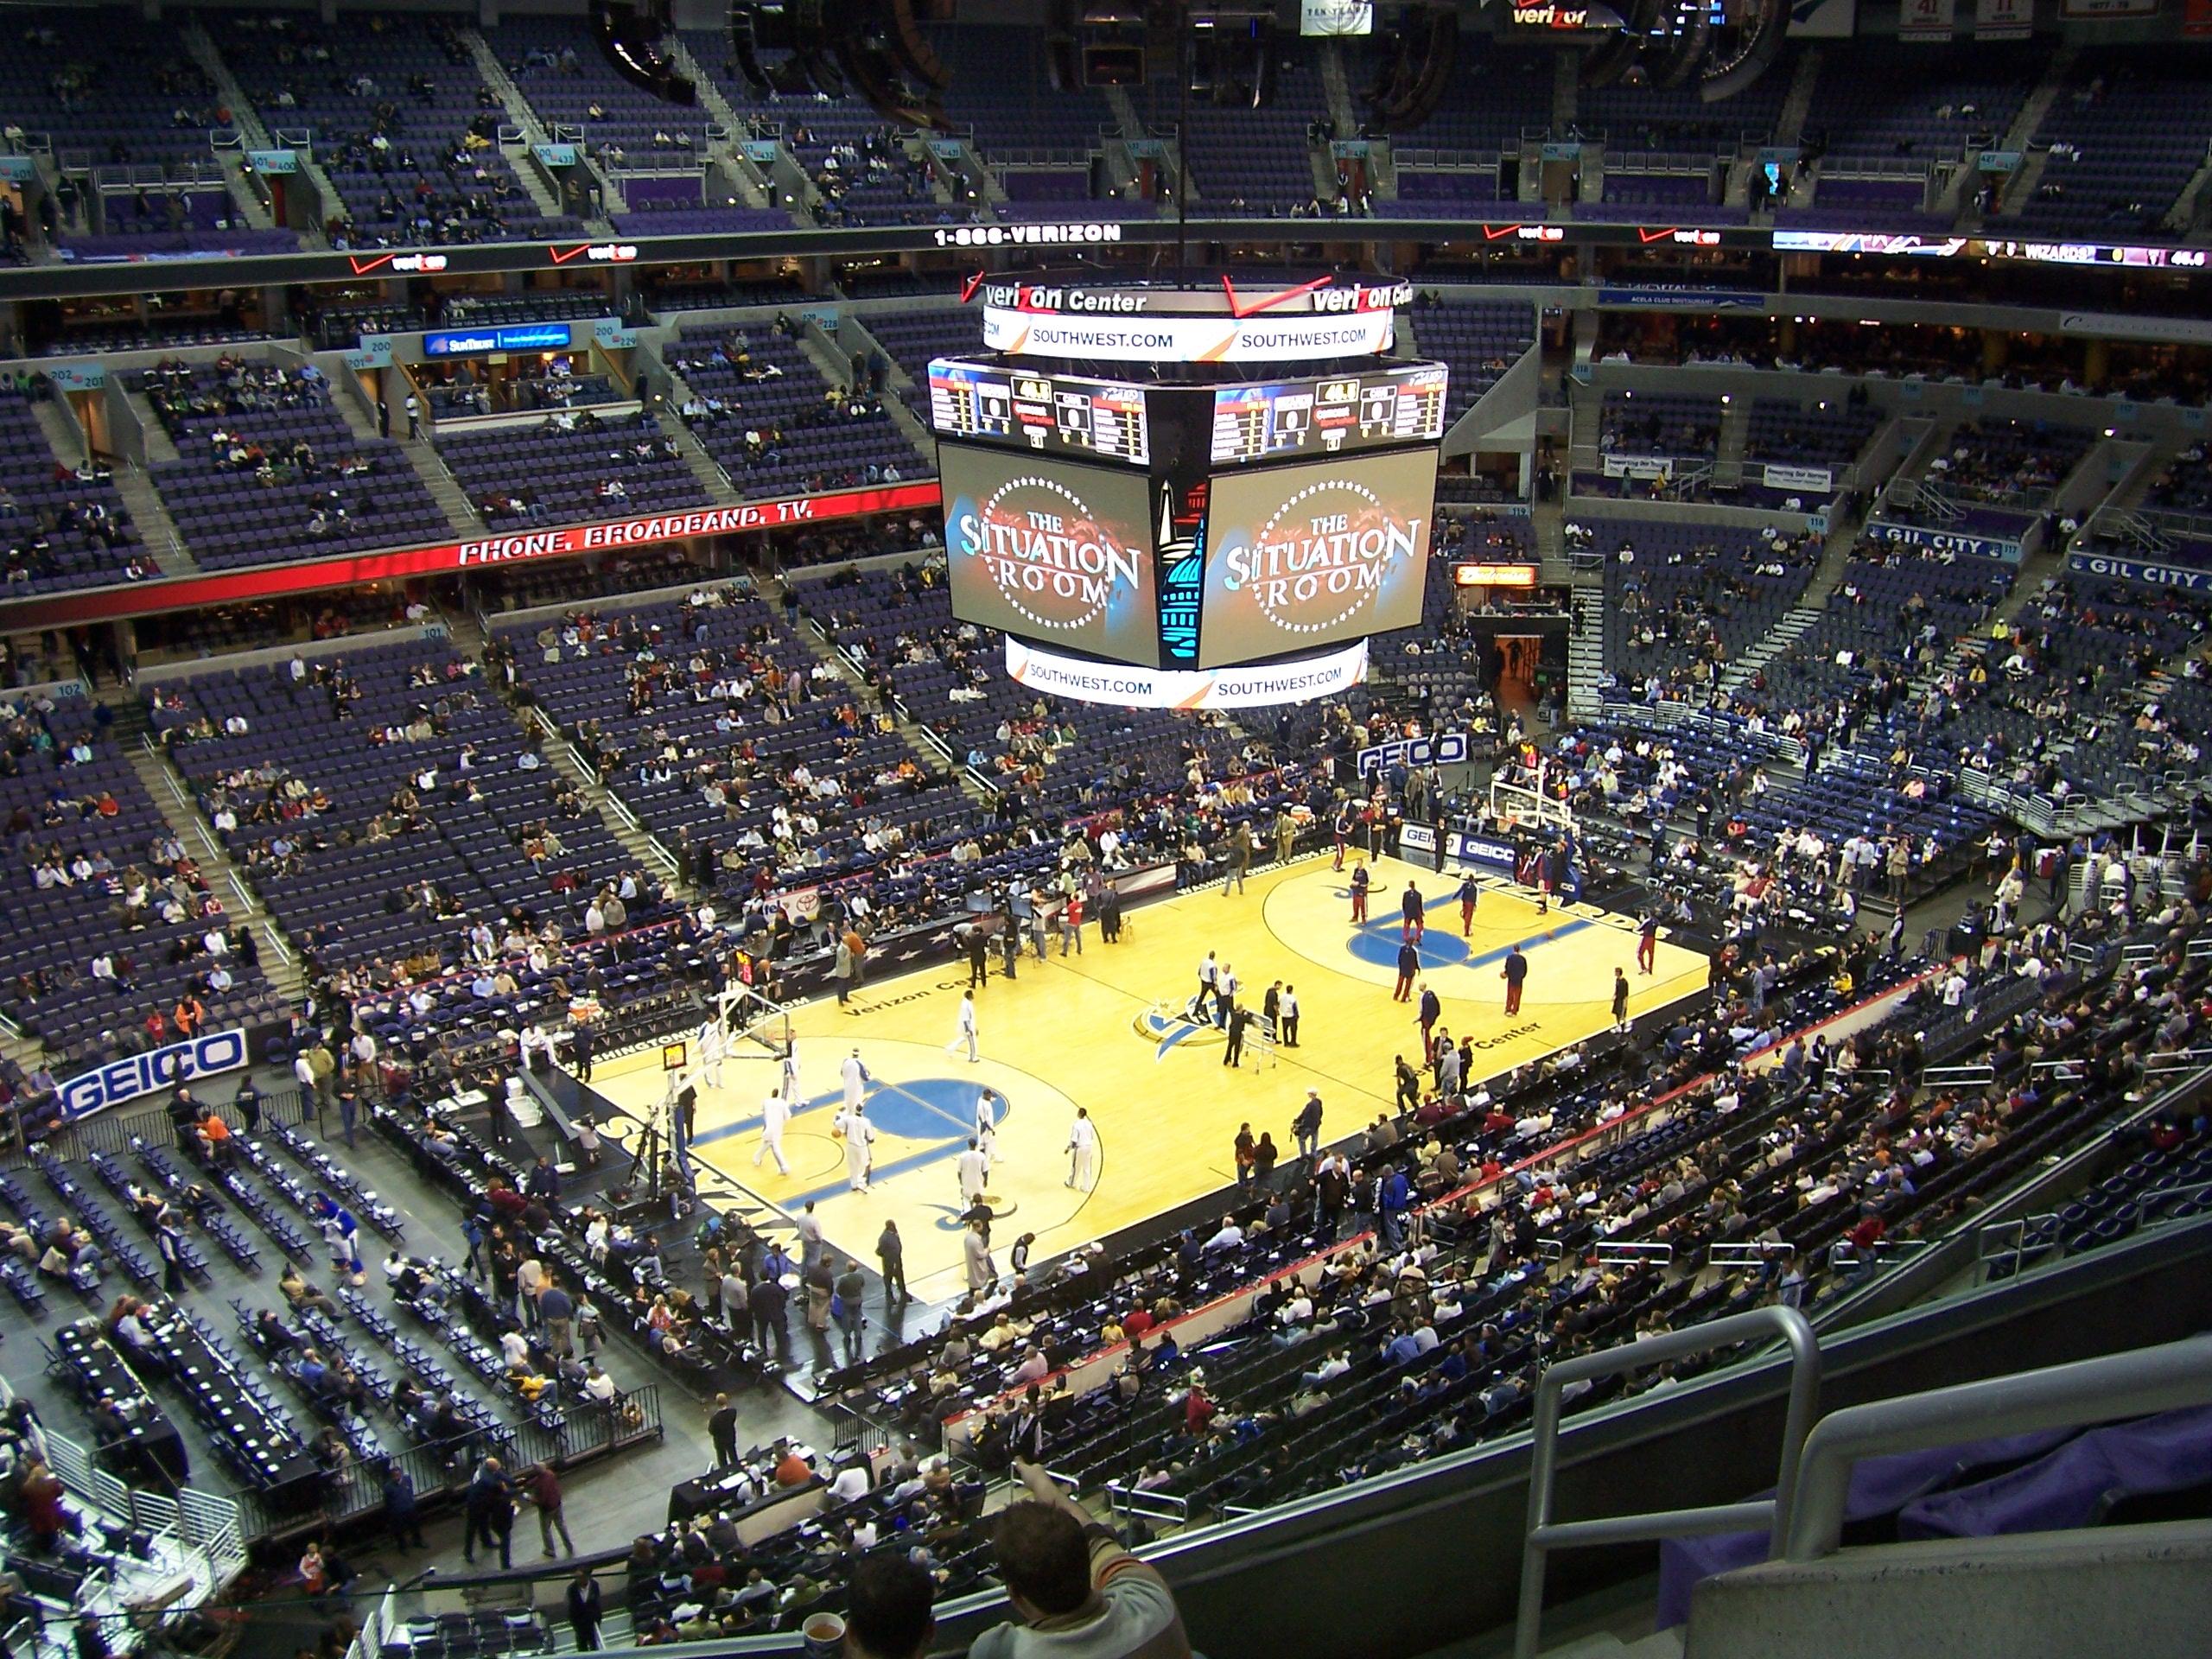 <a href='http://www.ticketsreview.com/verizon-center-dc.html'>Verizon Center tickets</a>